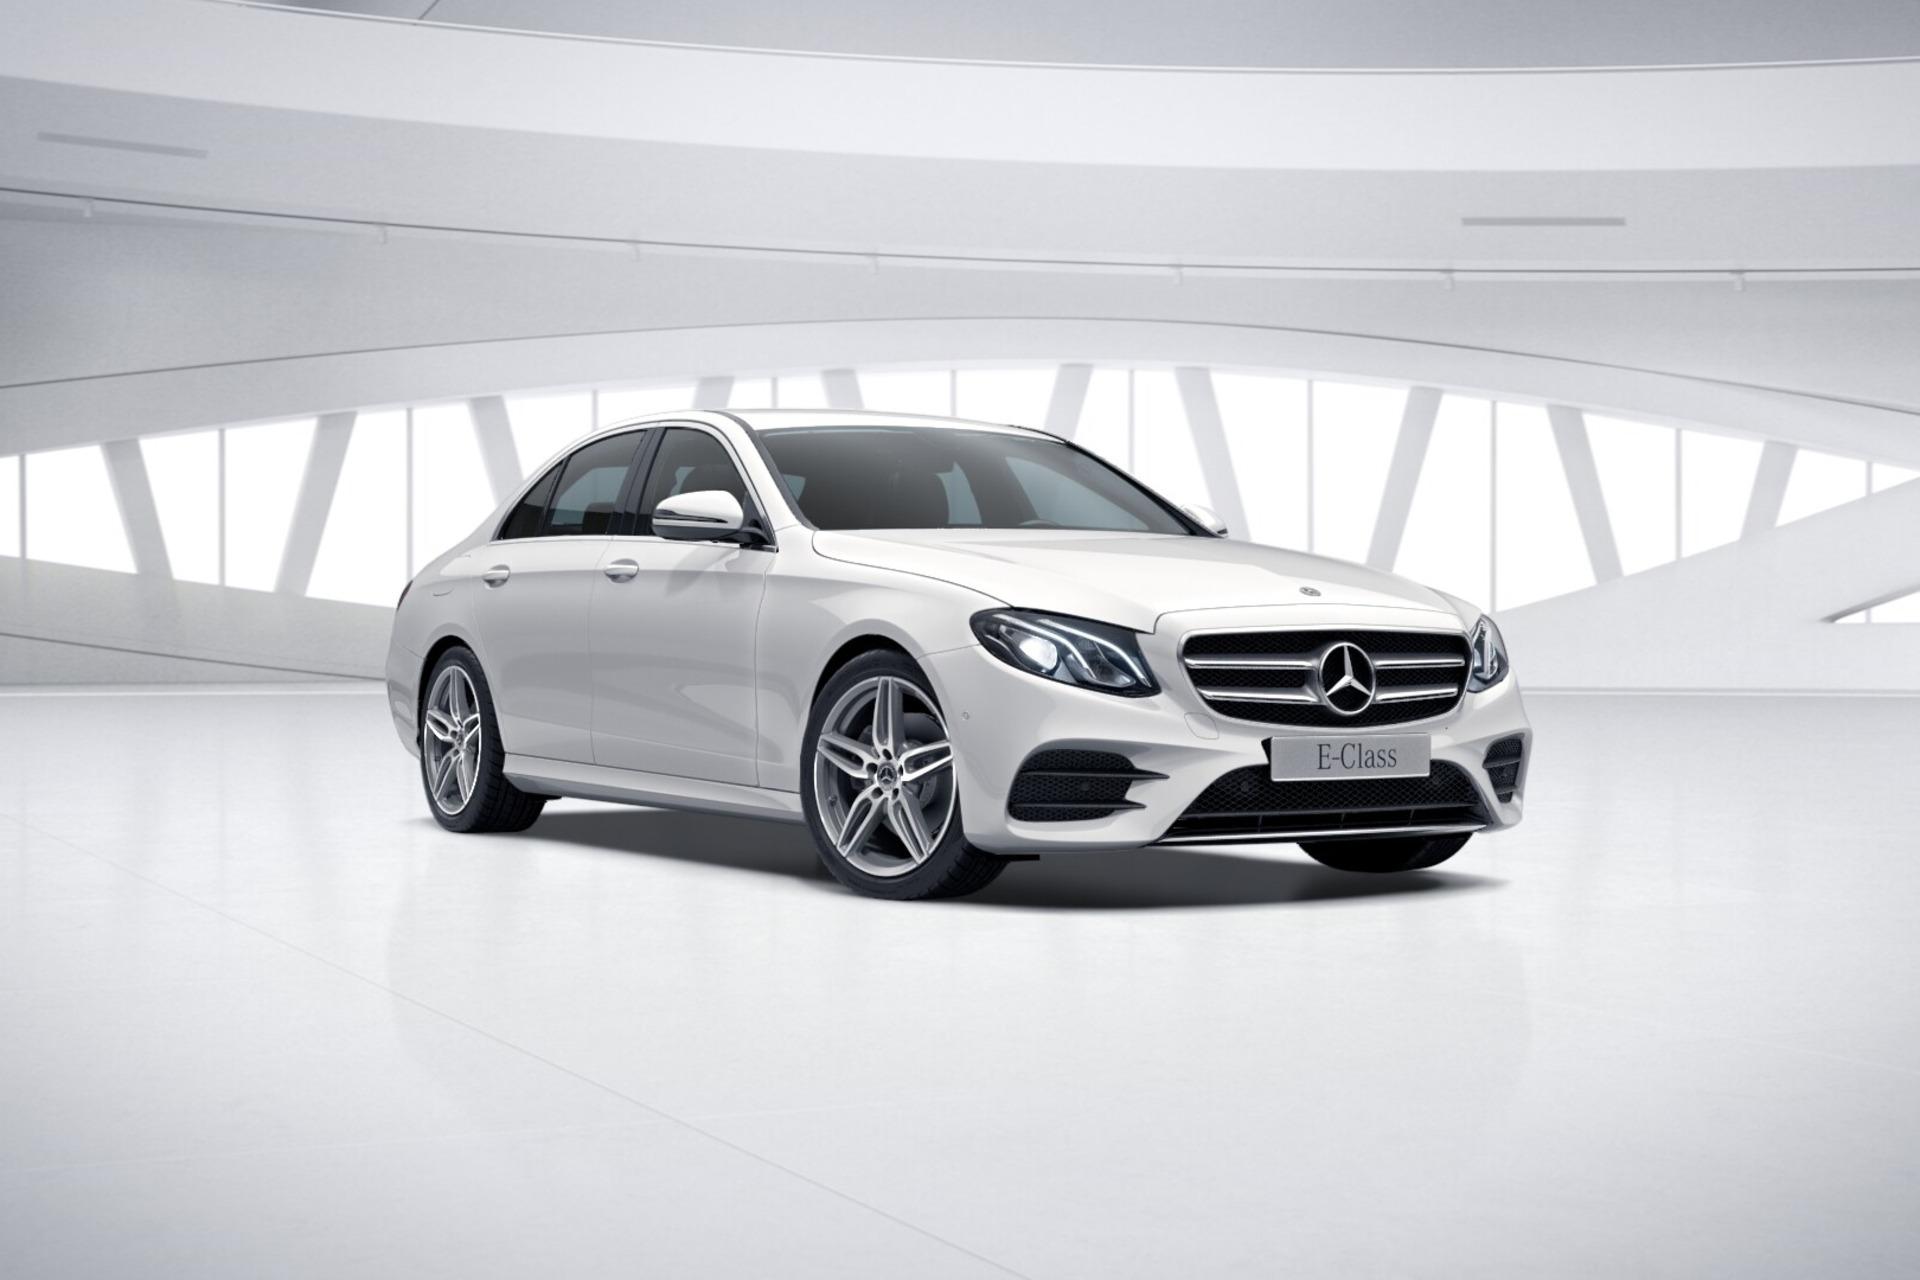 Mercedes-Benz E 180 952611387